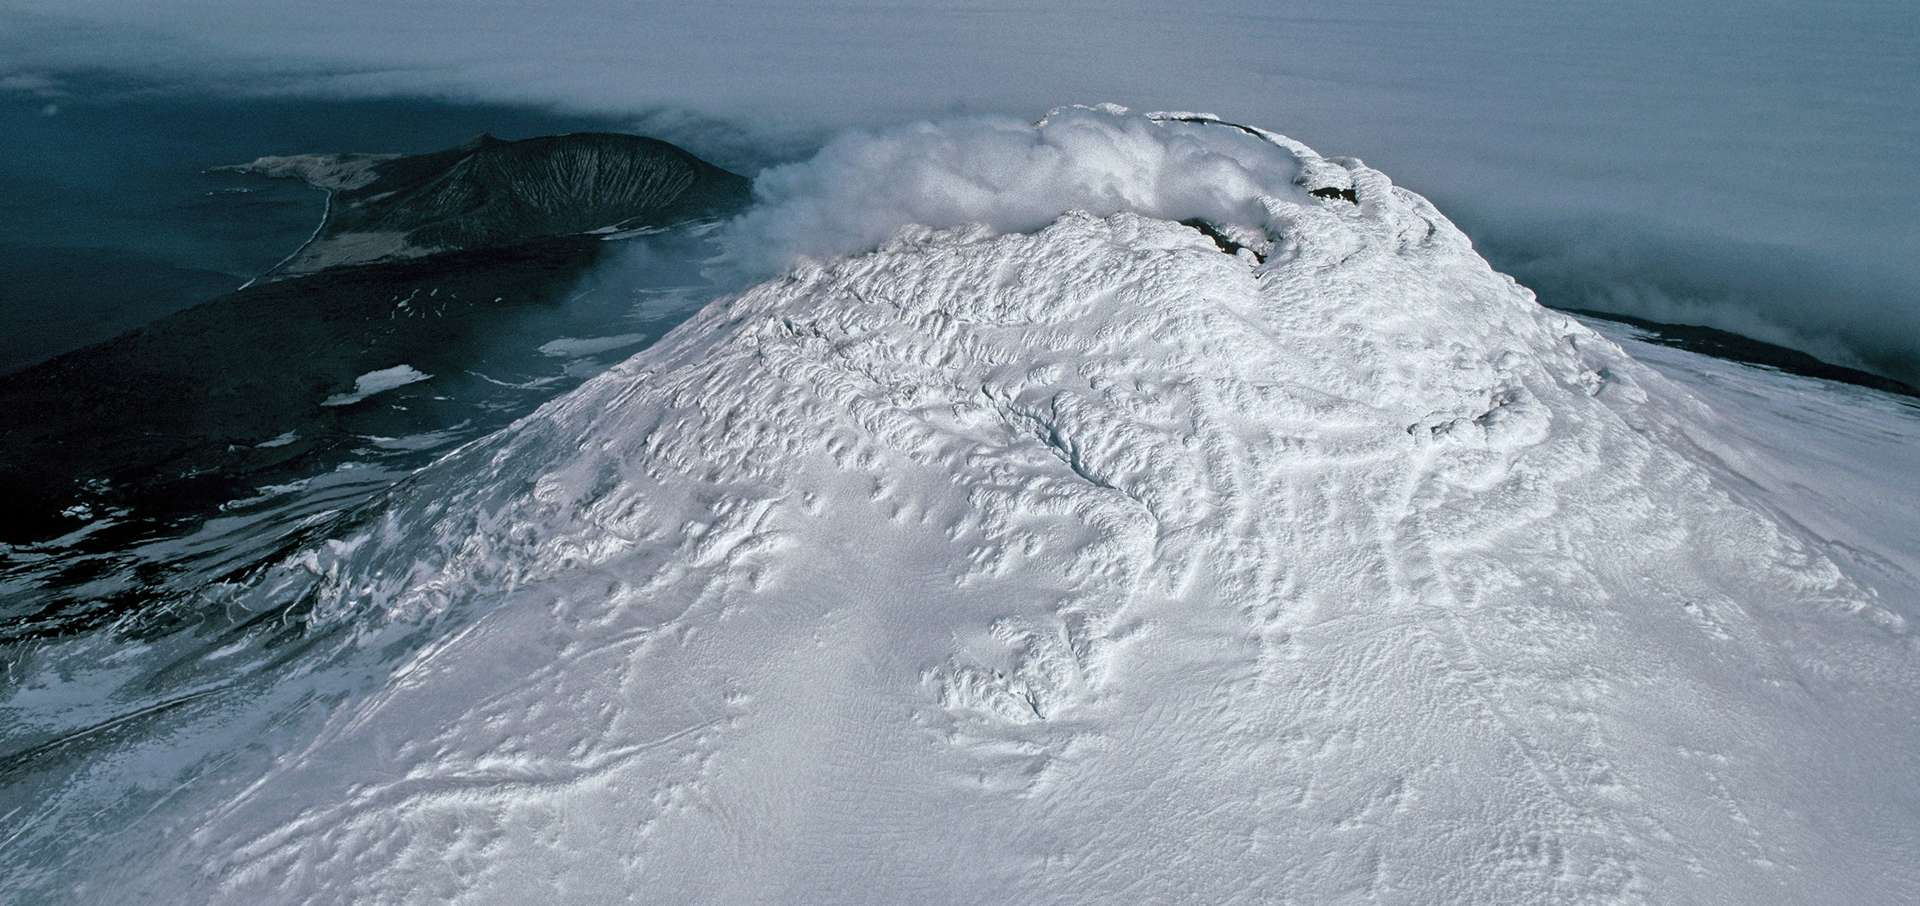 Photographie aérienne du mont Michael, un volcan en activité sur l'île Saunders, dans le territoire britannique d'outre-mer de Géorgie du Sud-et-les îles Sandwich du Sud. © Pete Bucktrout (British Antarctic Survey)